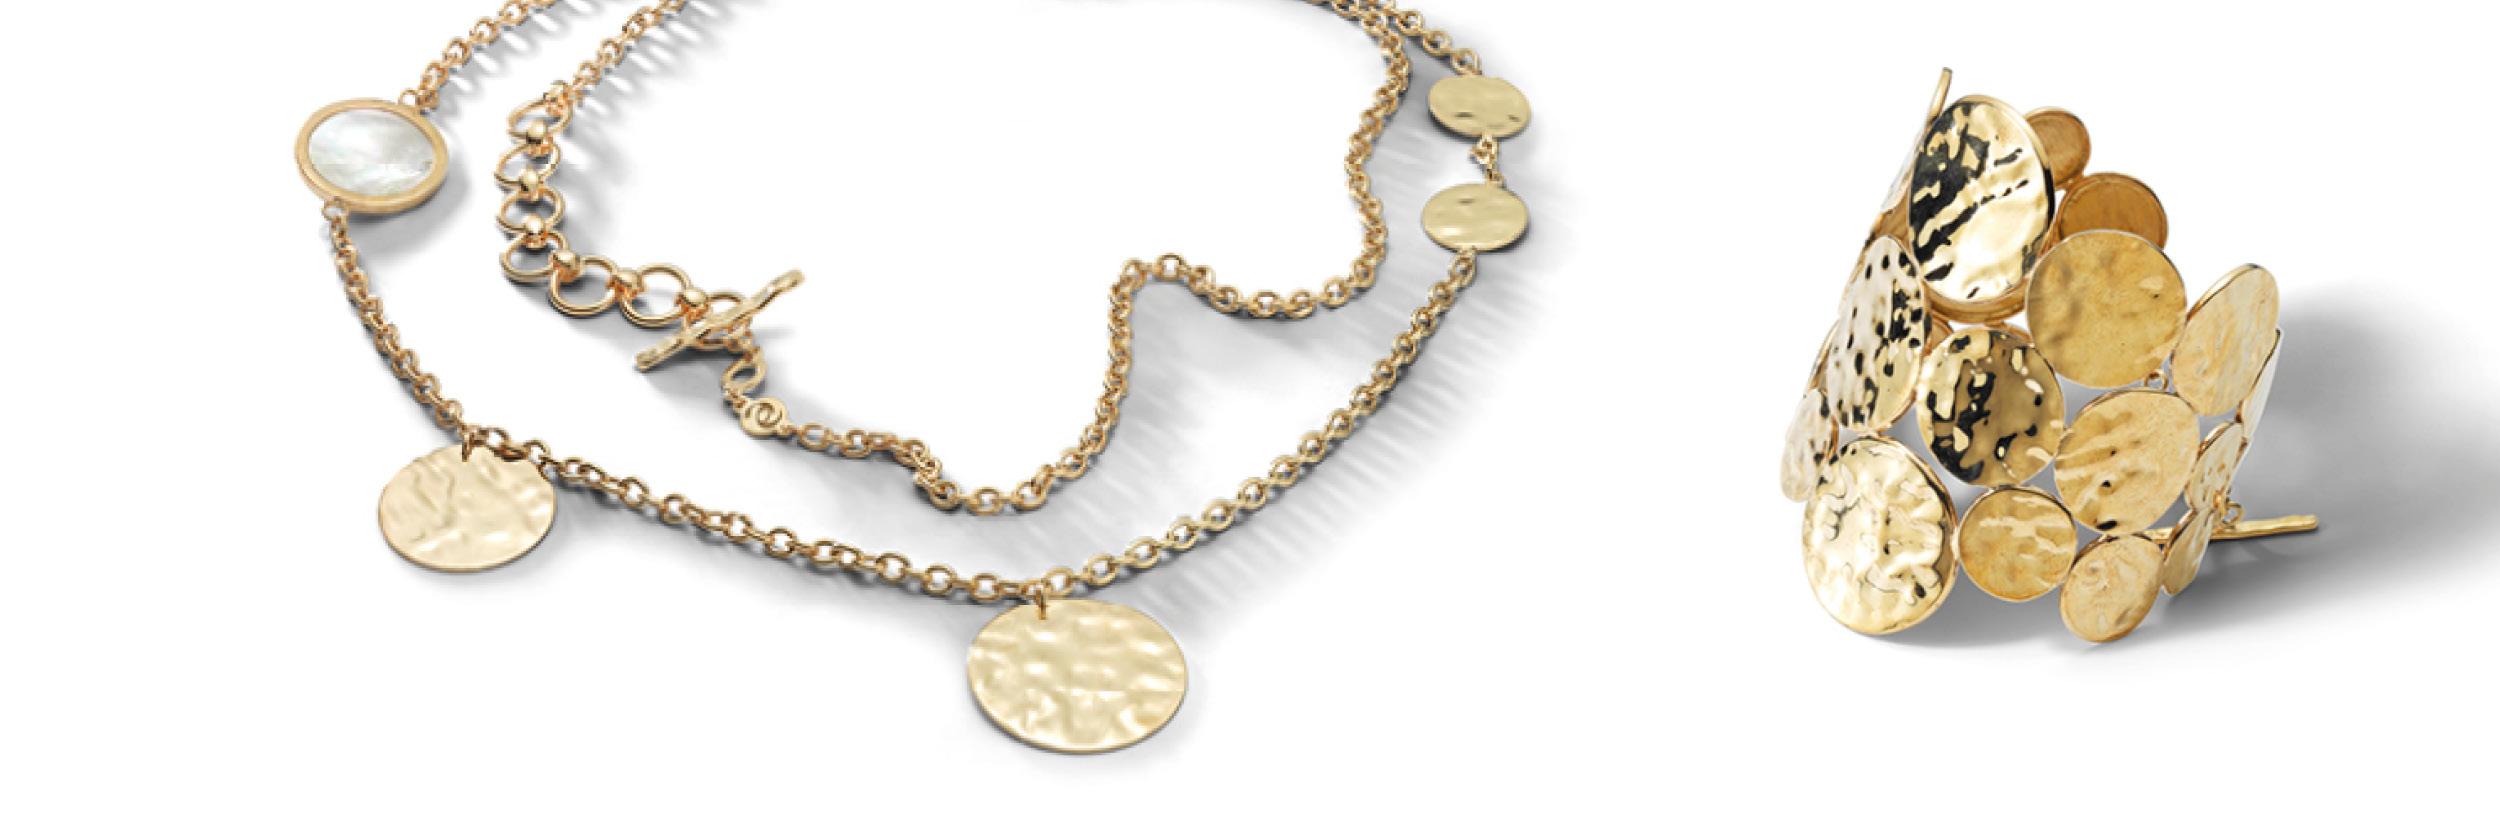 Collezione Flamme Collana Bracciale Argento 376 | ECLAT Preziosi